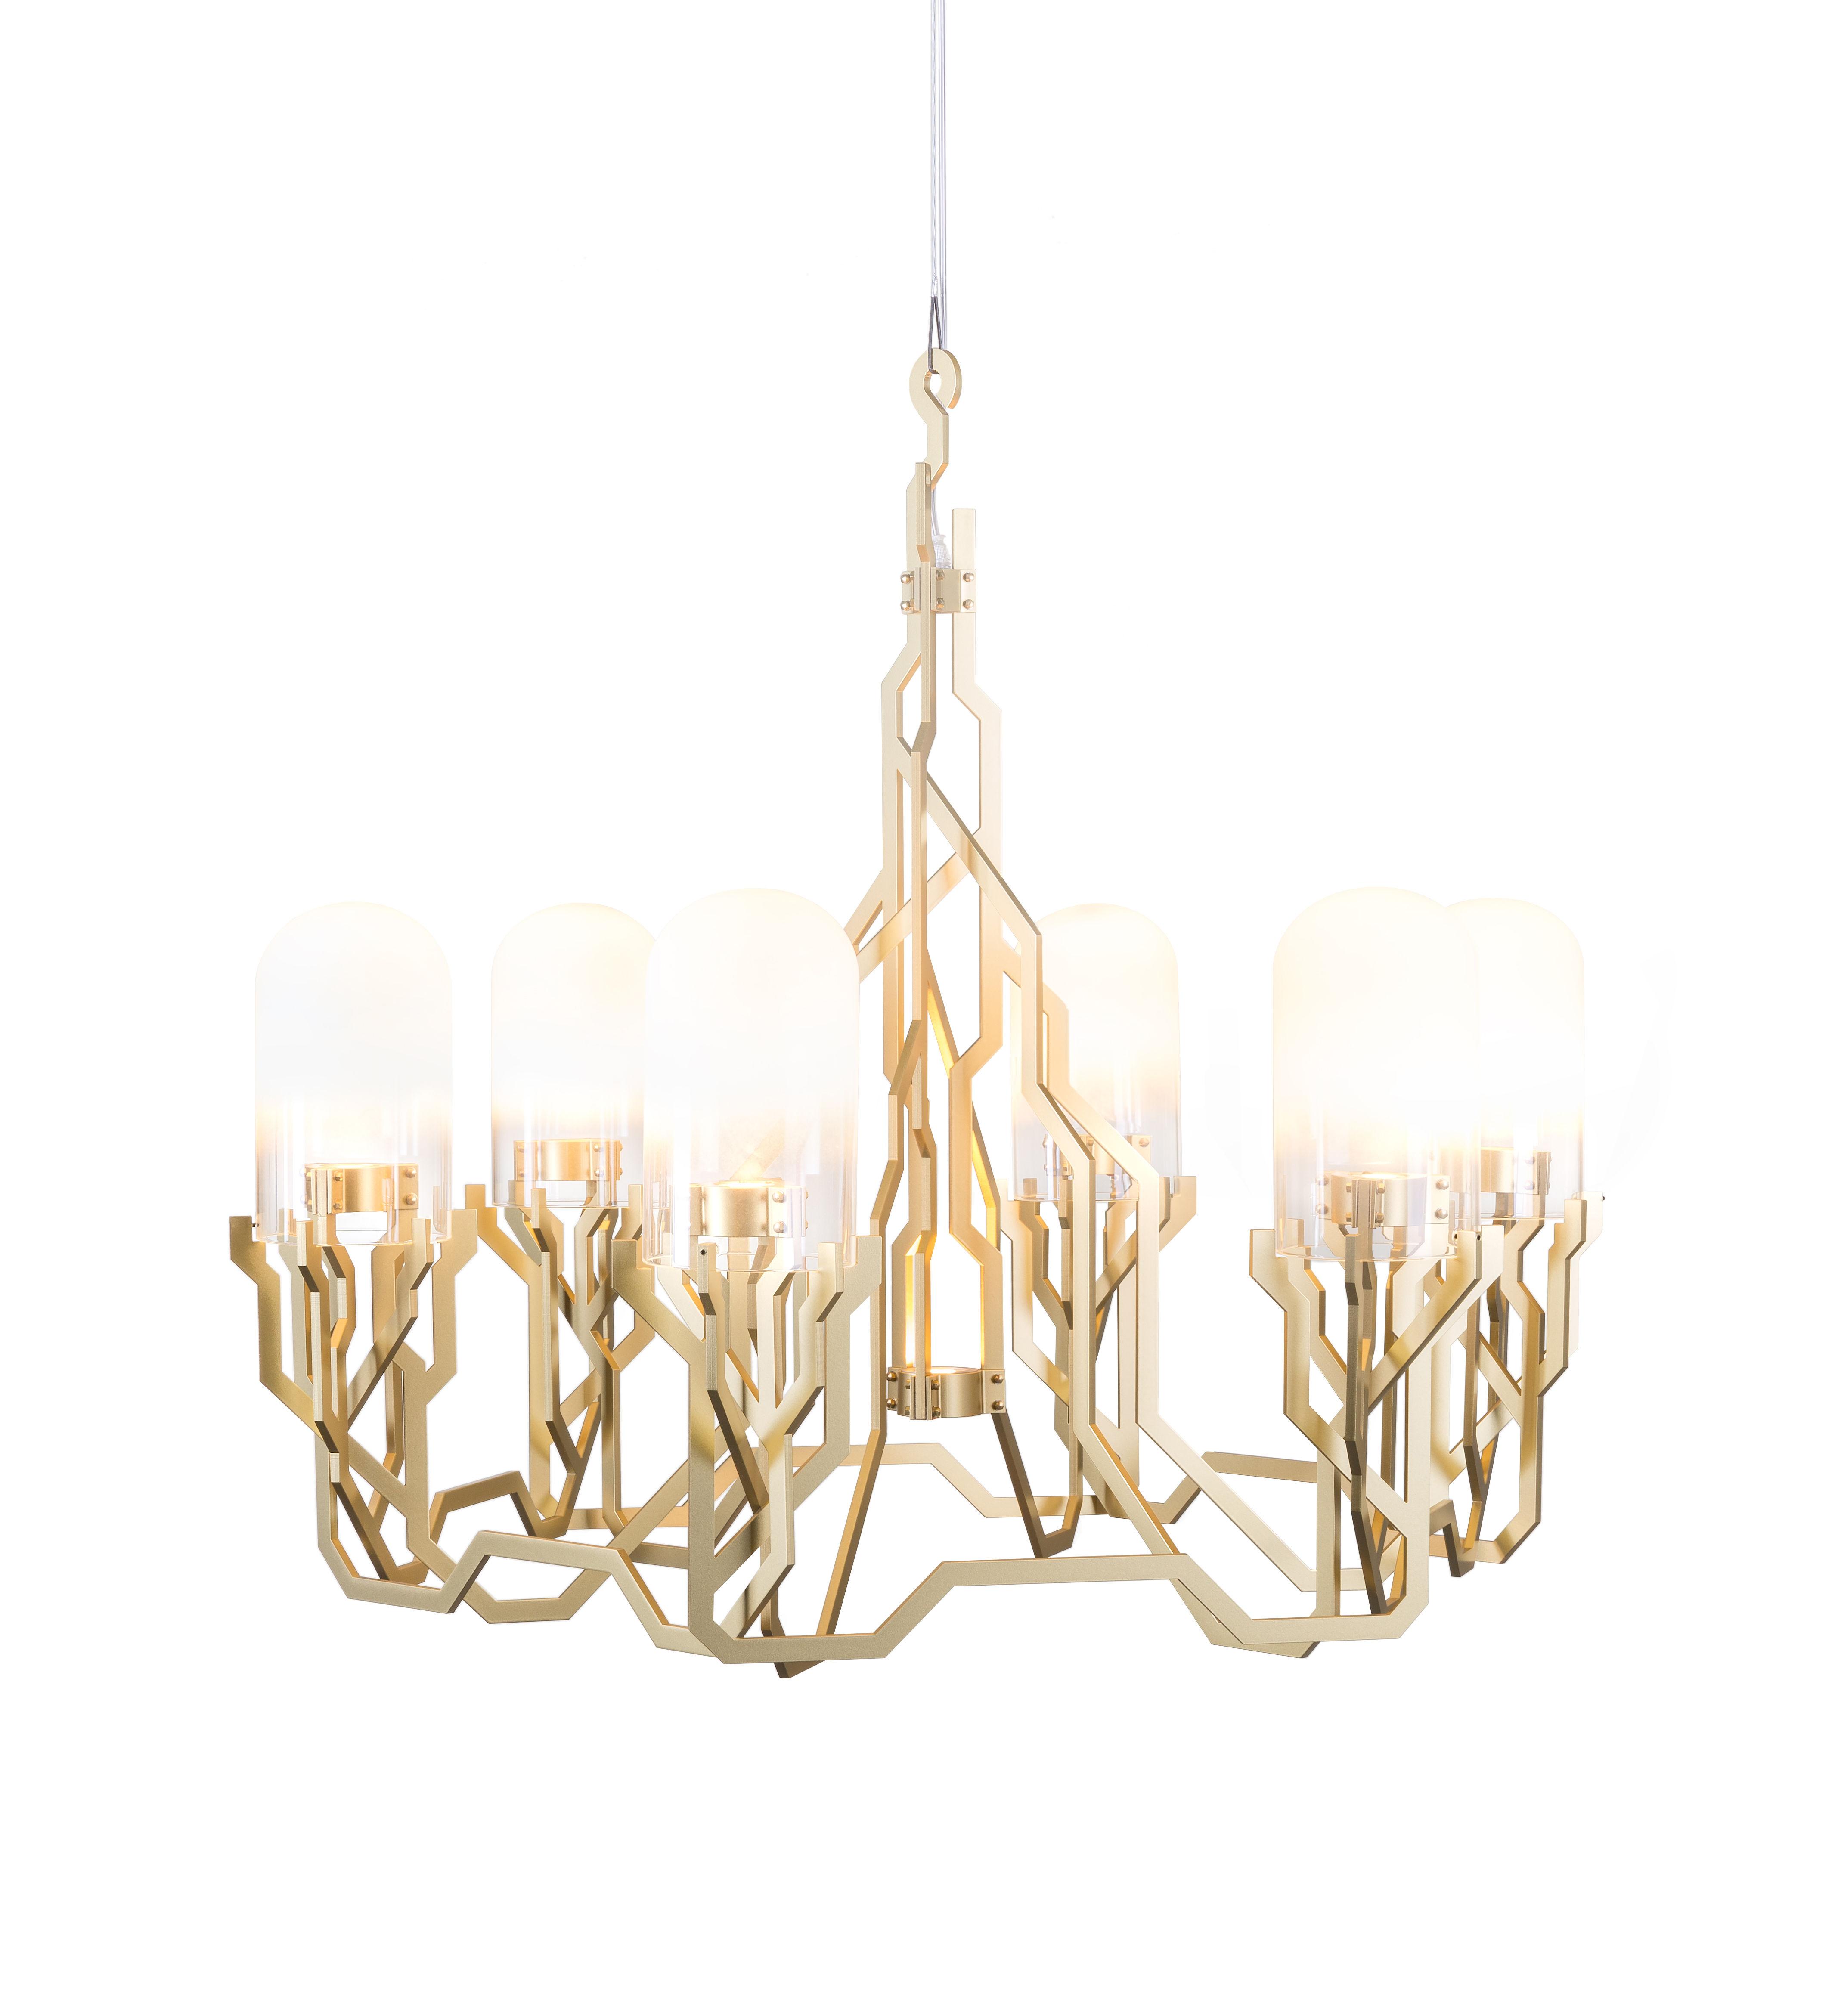 Luminaire - Suspensions - Suspension Plant / LED - Ø 90 cm - Moooi - Or - Acier, Verre dépoli